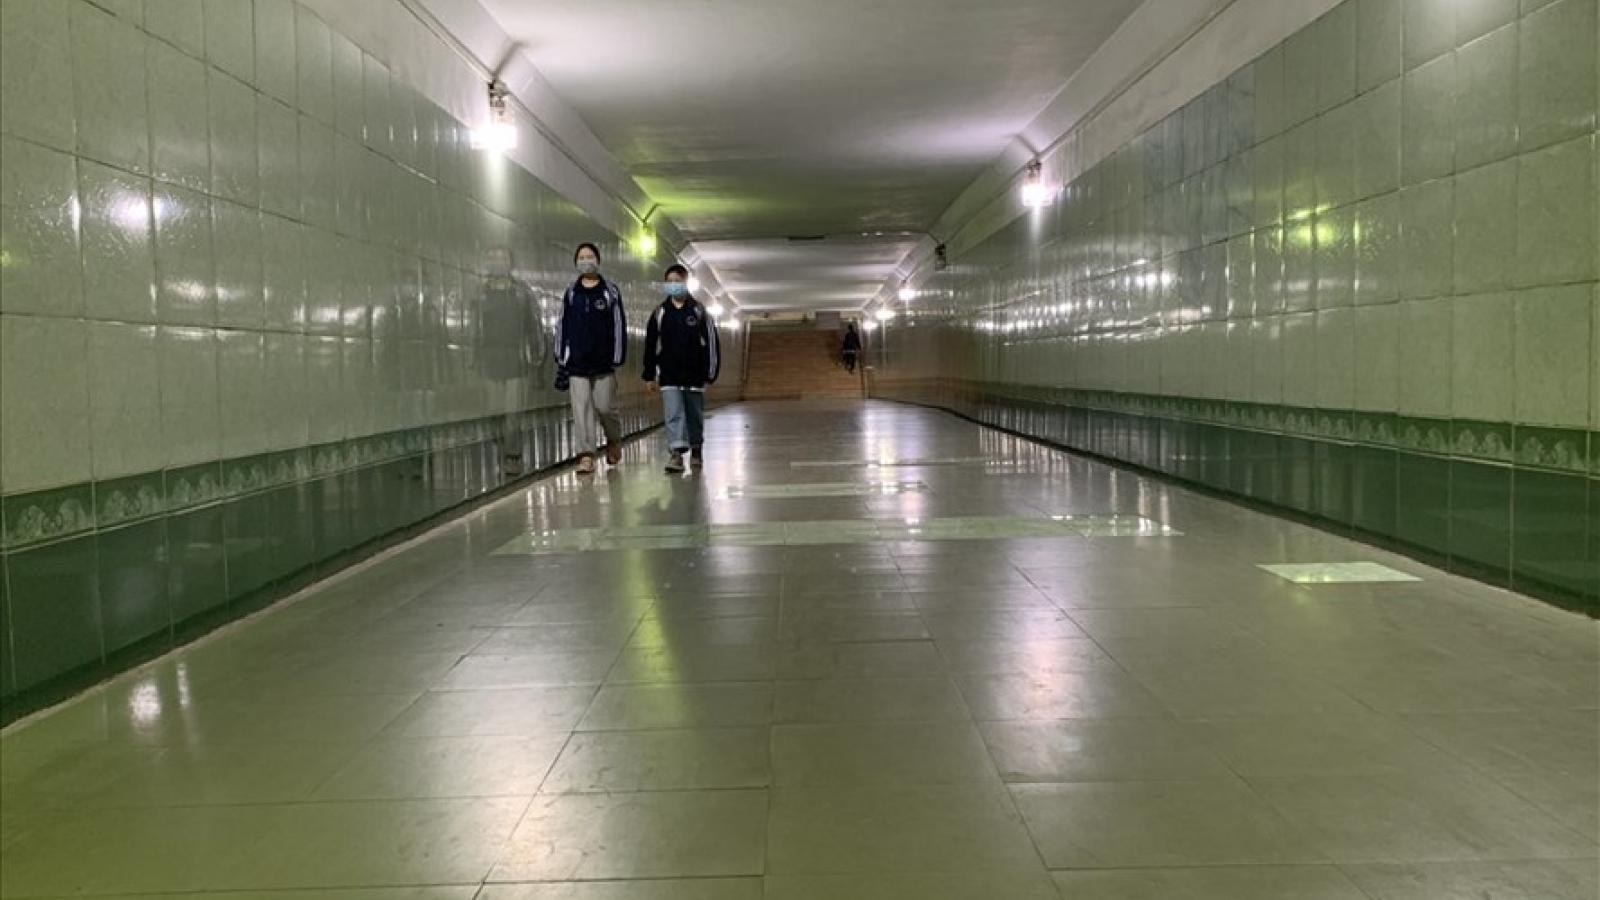 Hầm bộ hành ở Hà Nội: Đầu tư nhiều, hiệu quả thấp